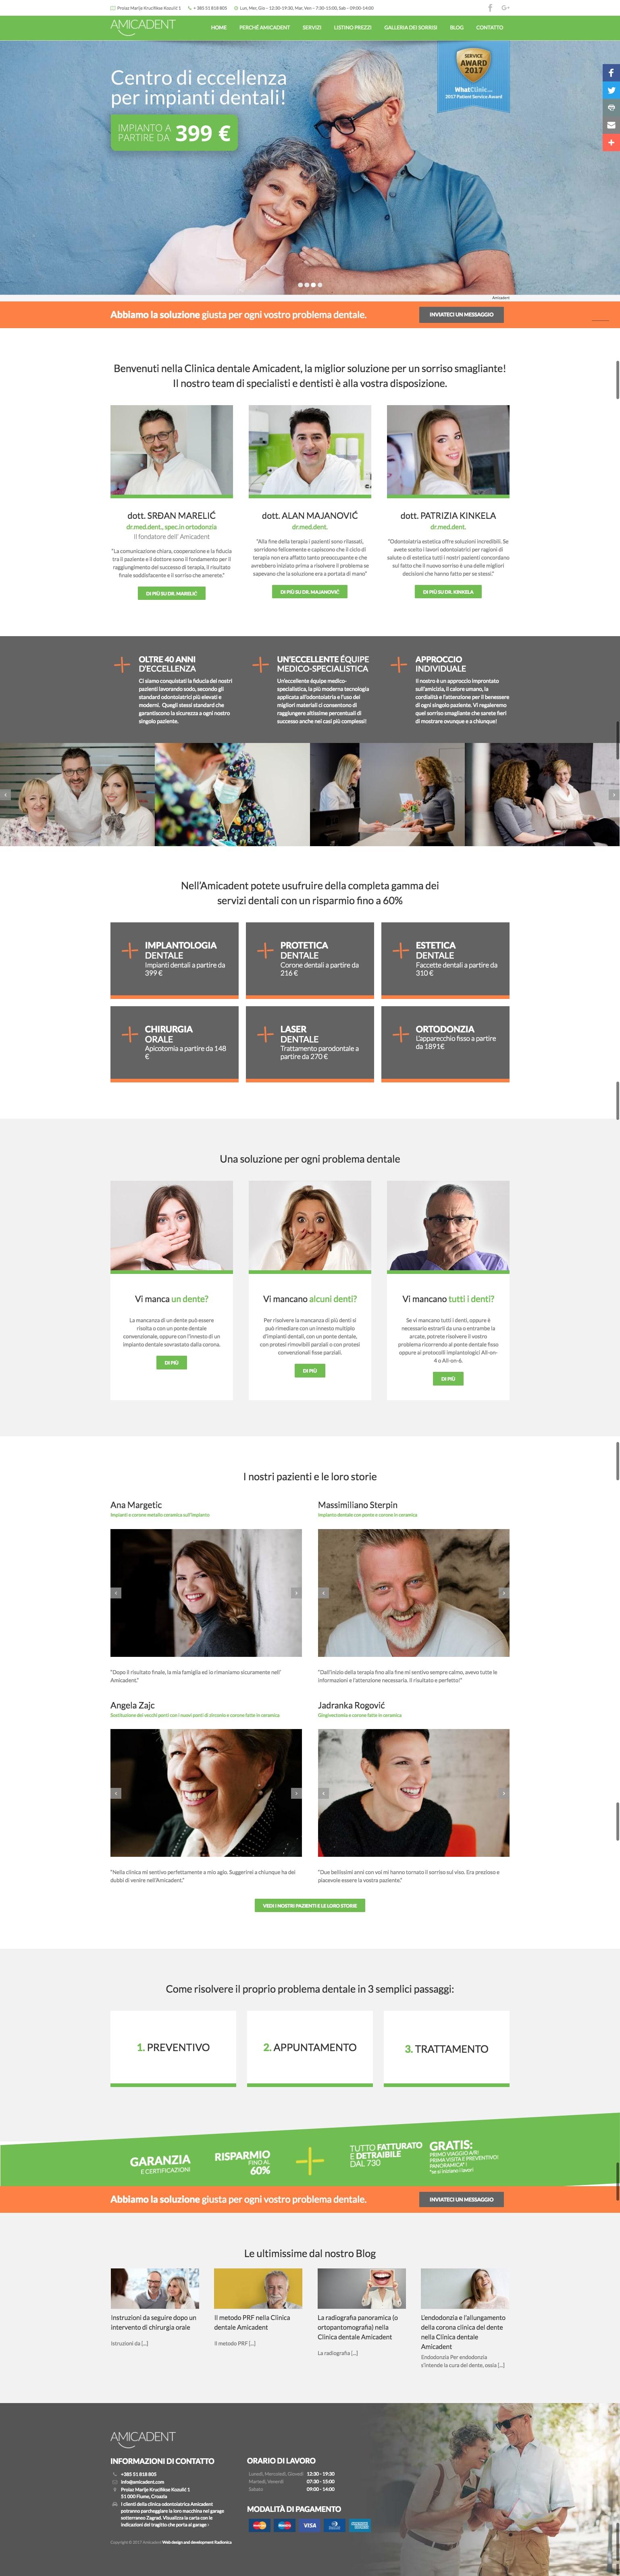 izrada web stranice Amicadent